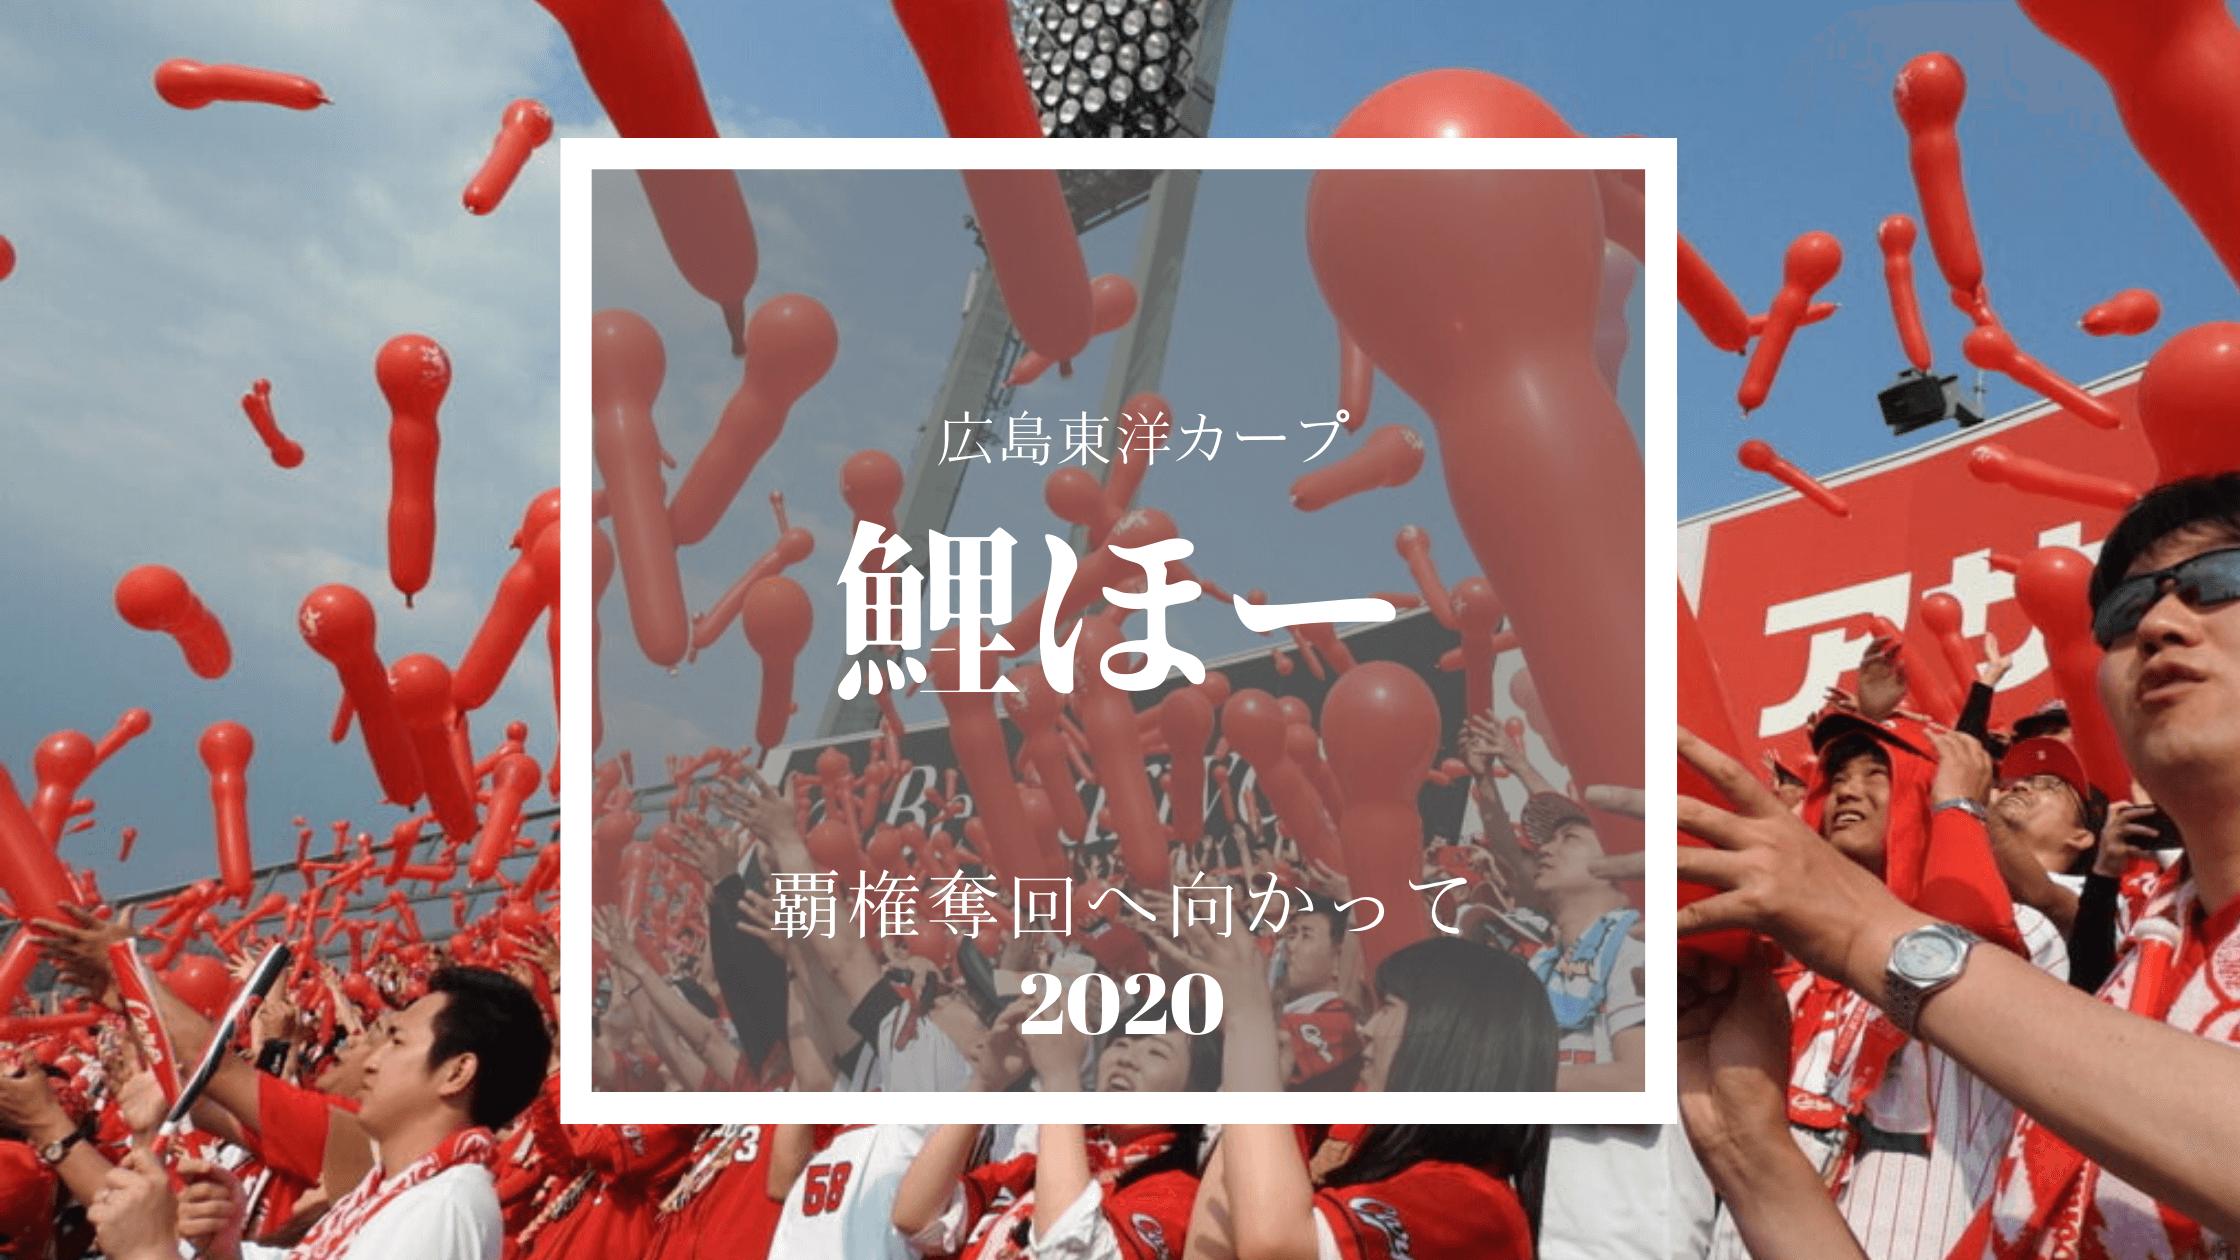 【カープ5連勝】新人王どころか最優秀防御率タイトルも見えてきた森下投手